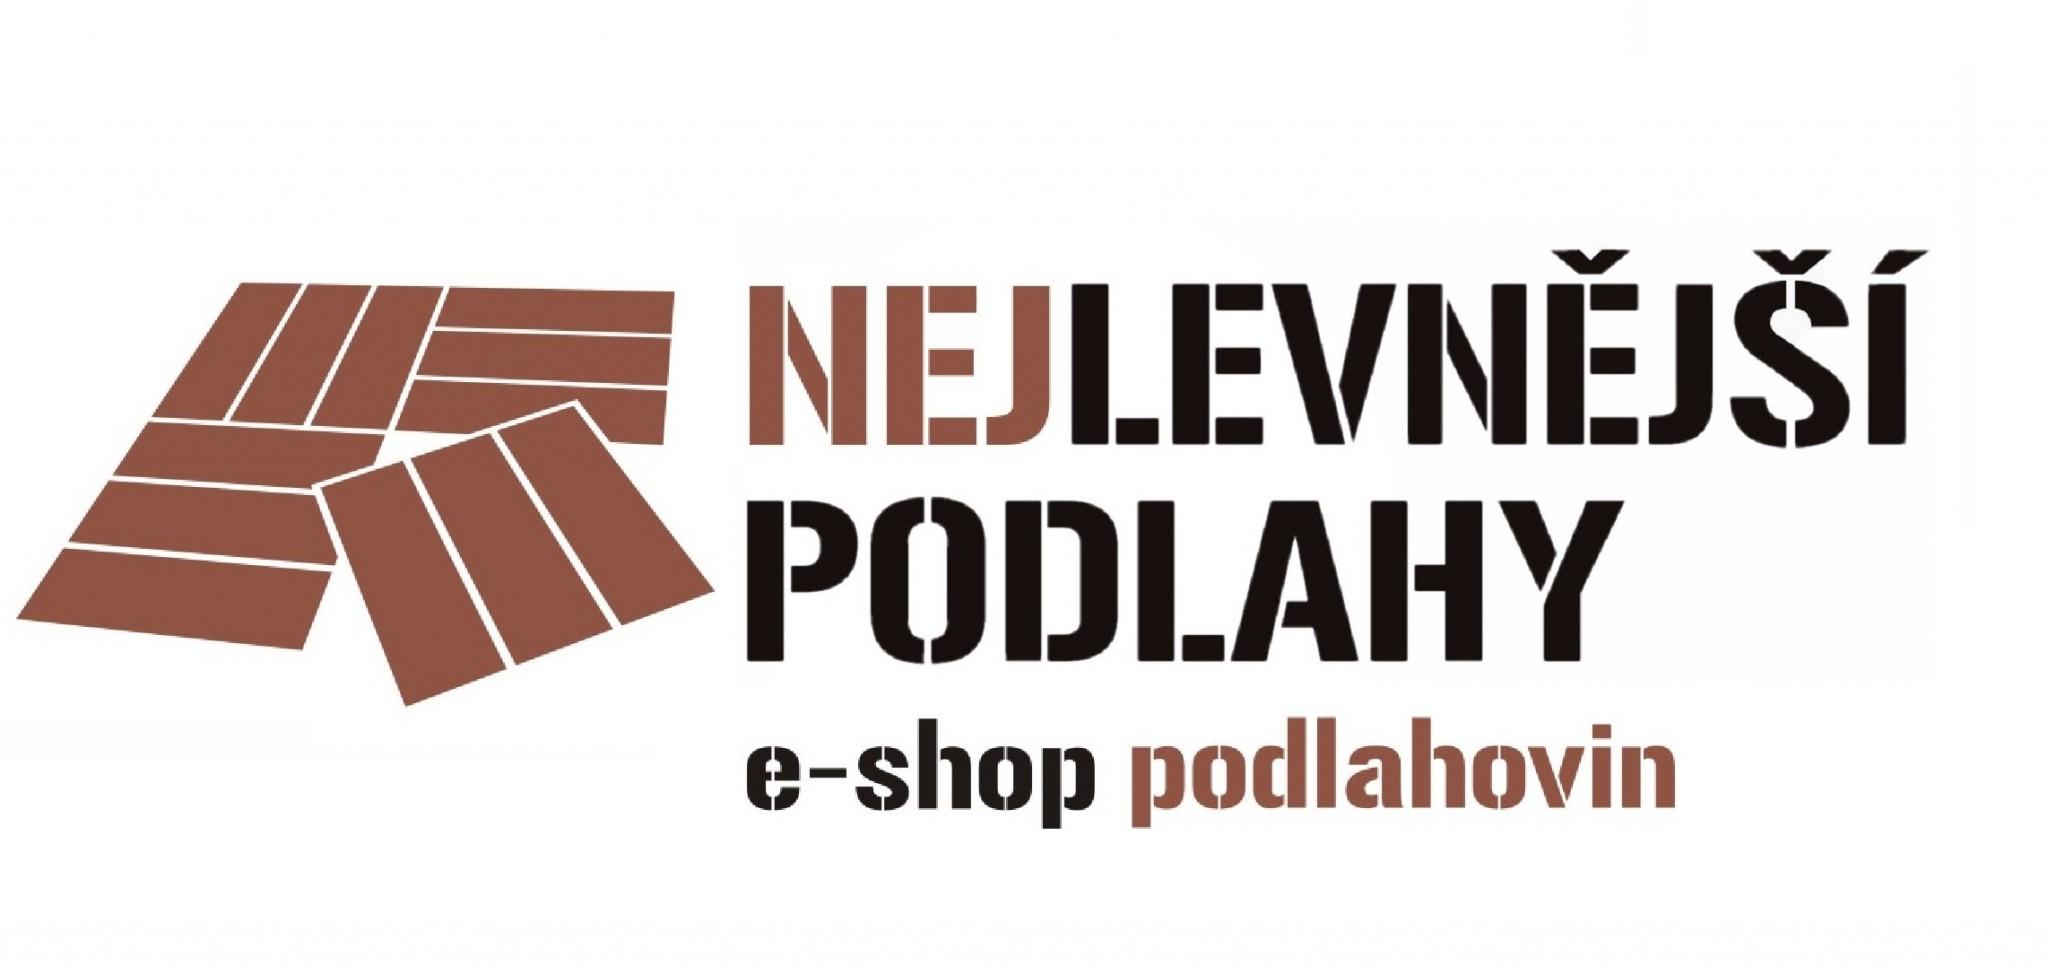 Slevy na Nejlevnejsipodlahy.cz